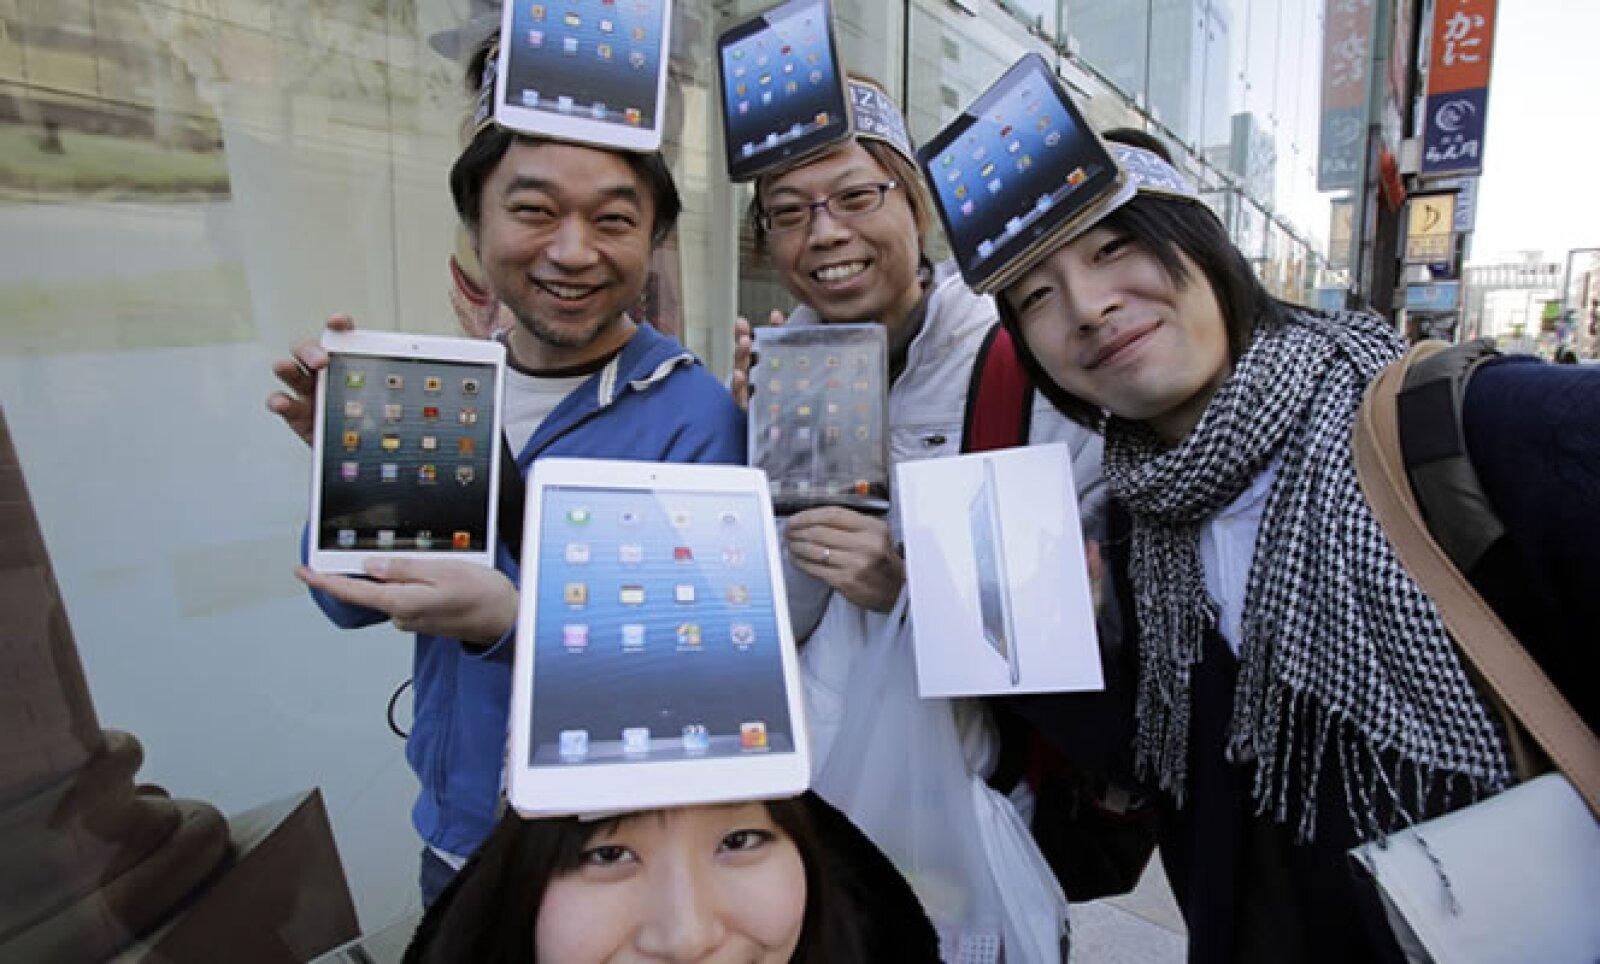 La nueva versión de la tableta de Apple salió a la venta con un precio superior a los de sus rivales Google y Amazon.